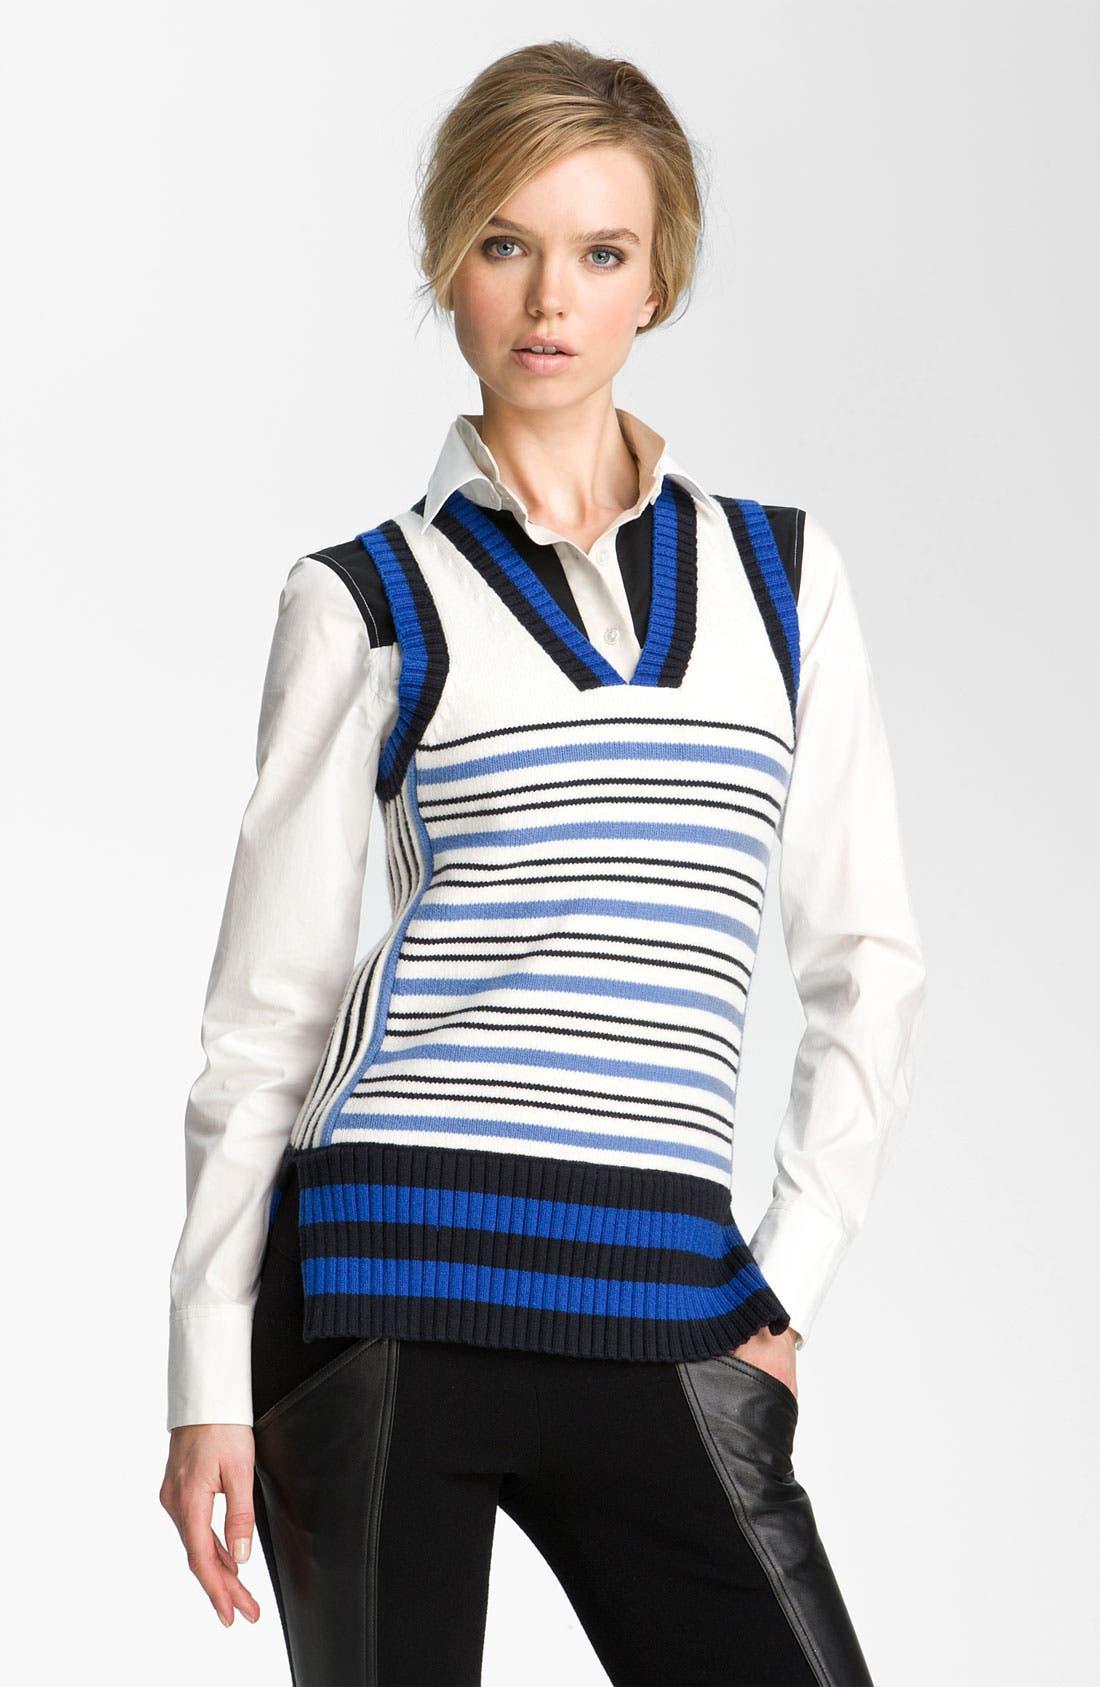 Alternate Image 1 Selected - Derek Lam 10 Crosby Sweater Vest